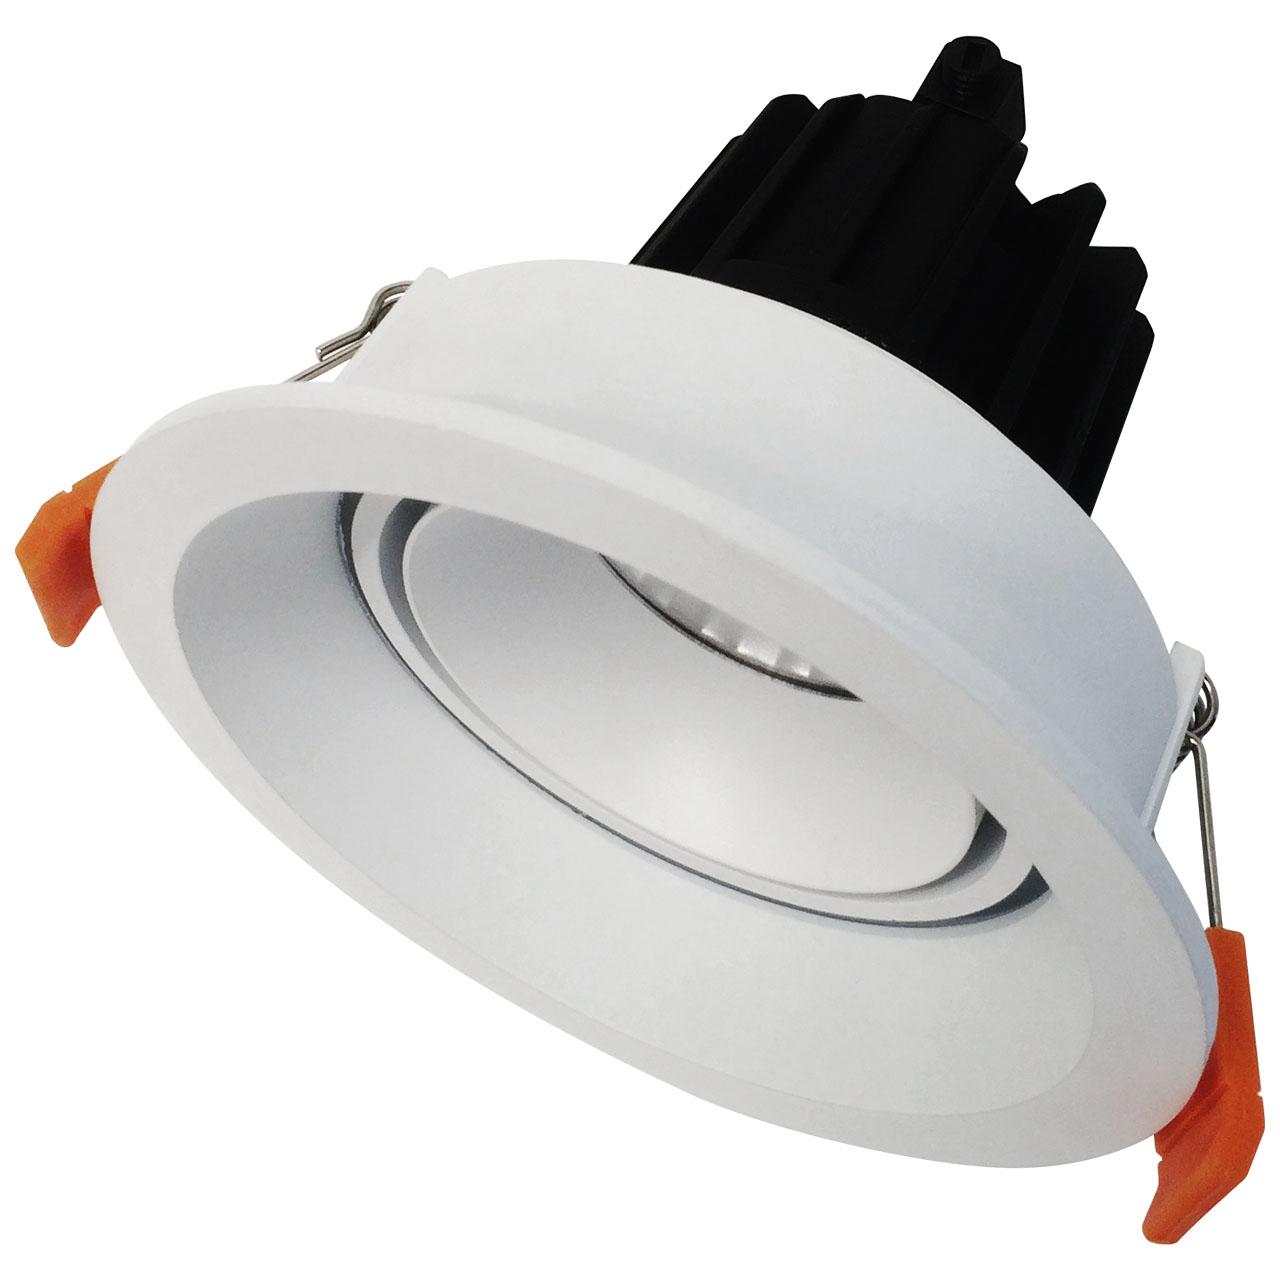 LED Spot Light, LED Ceiling Light, Recessed Light, COMET_RTT011, Oasistek